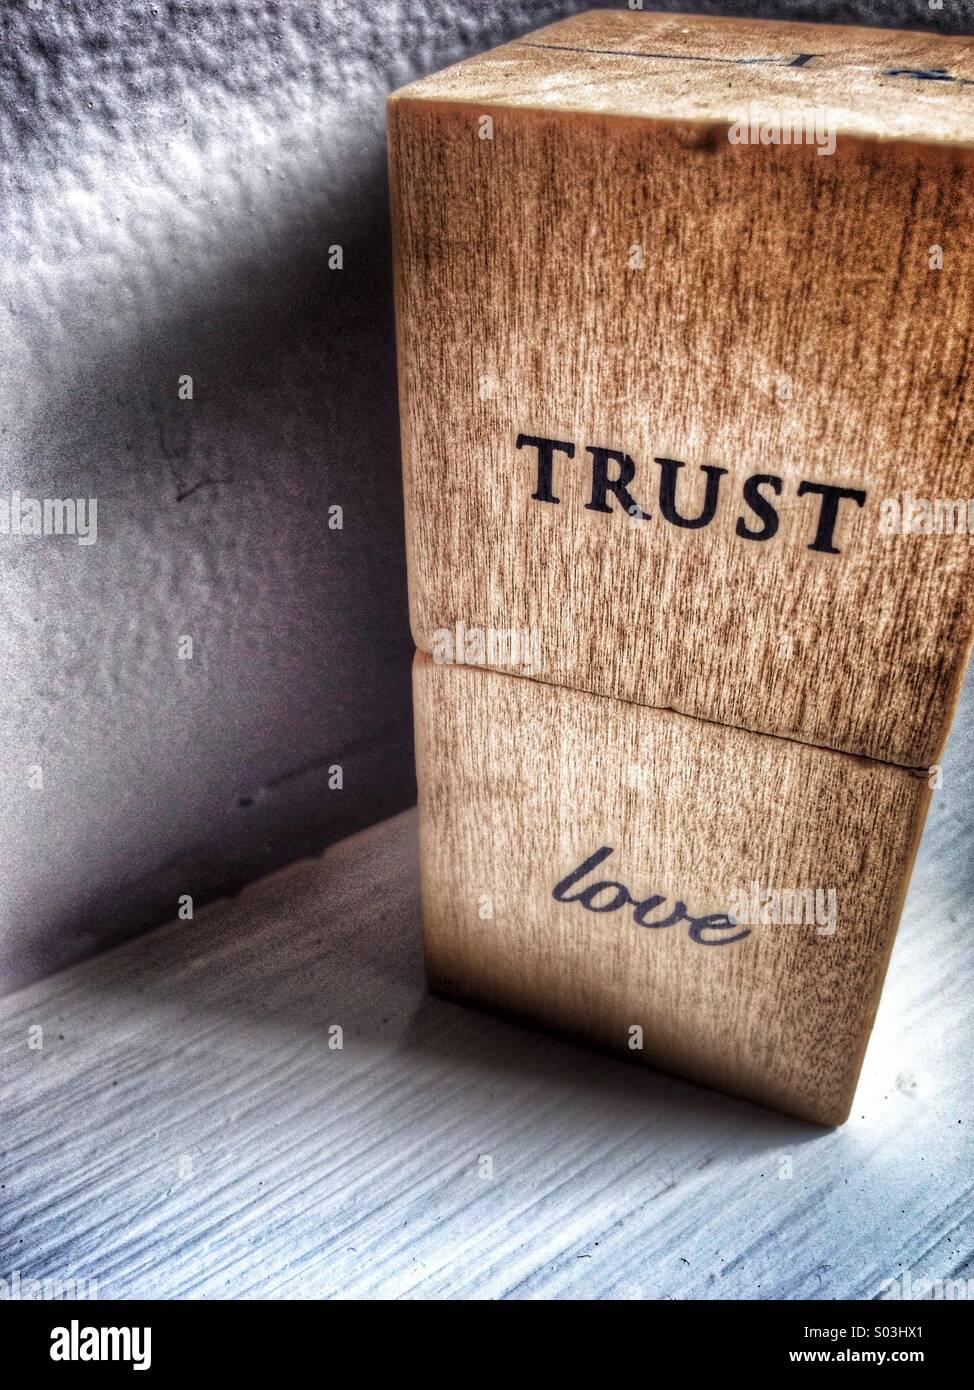 Trust love written on blocks. Stock Photo